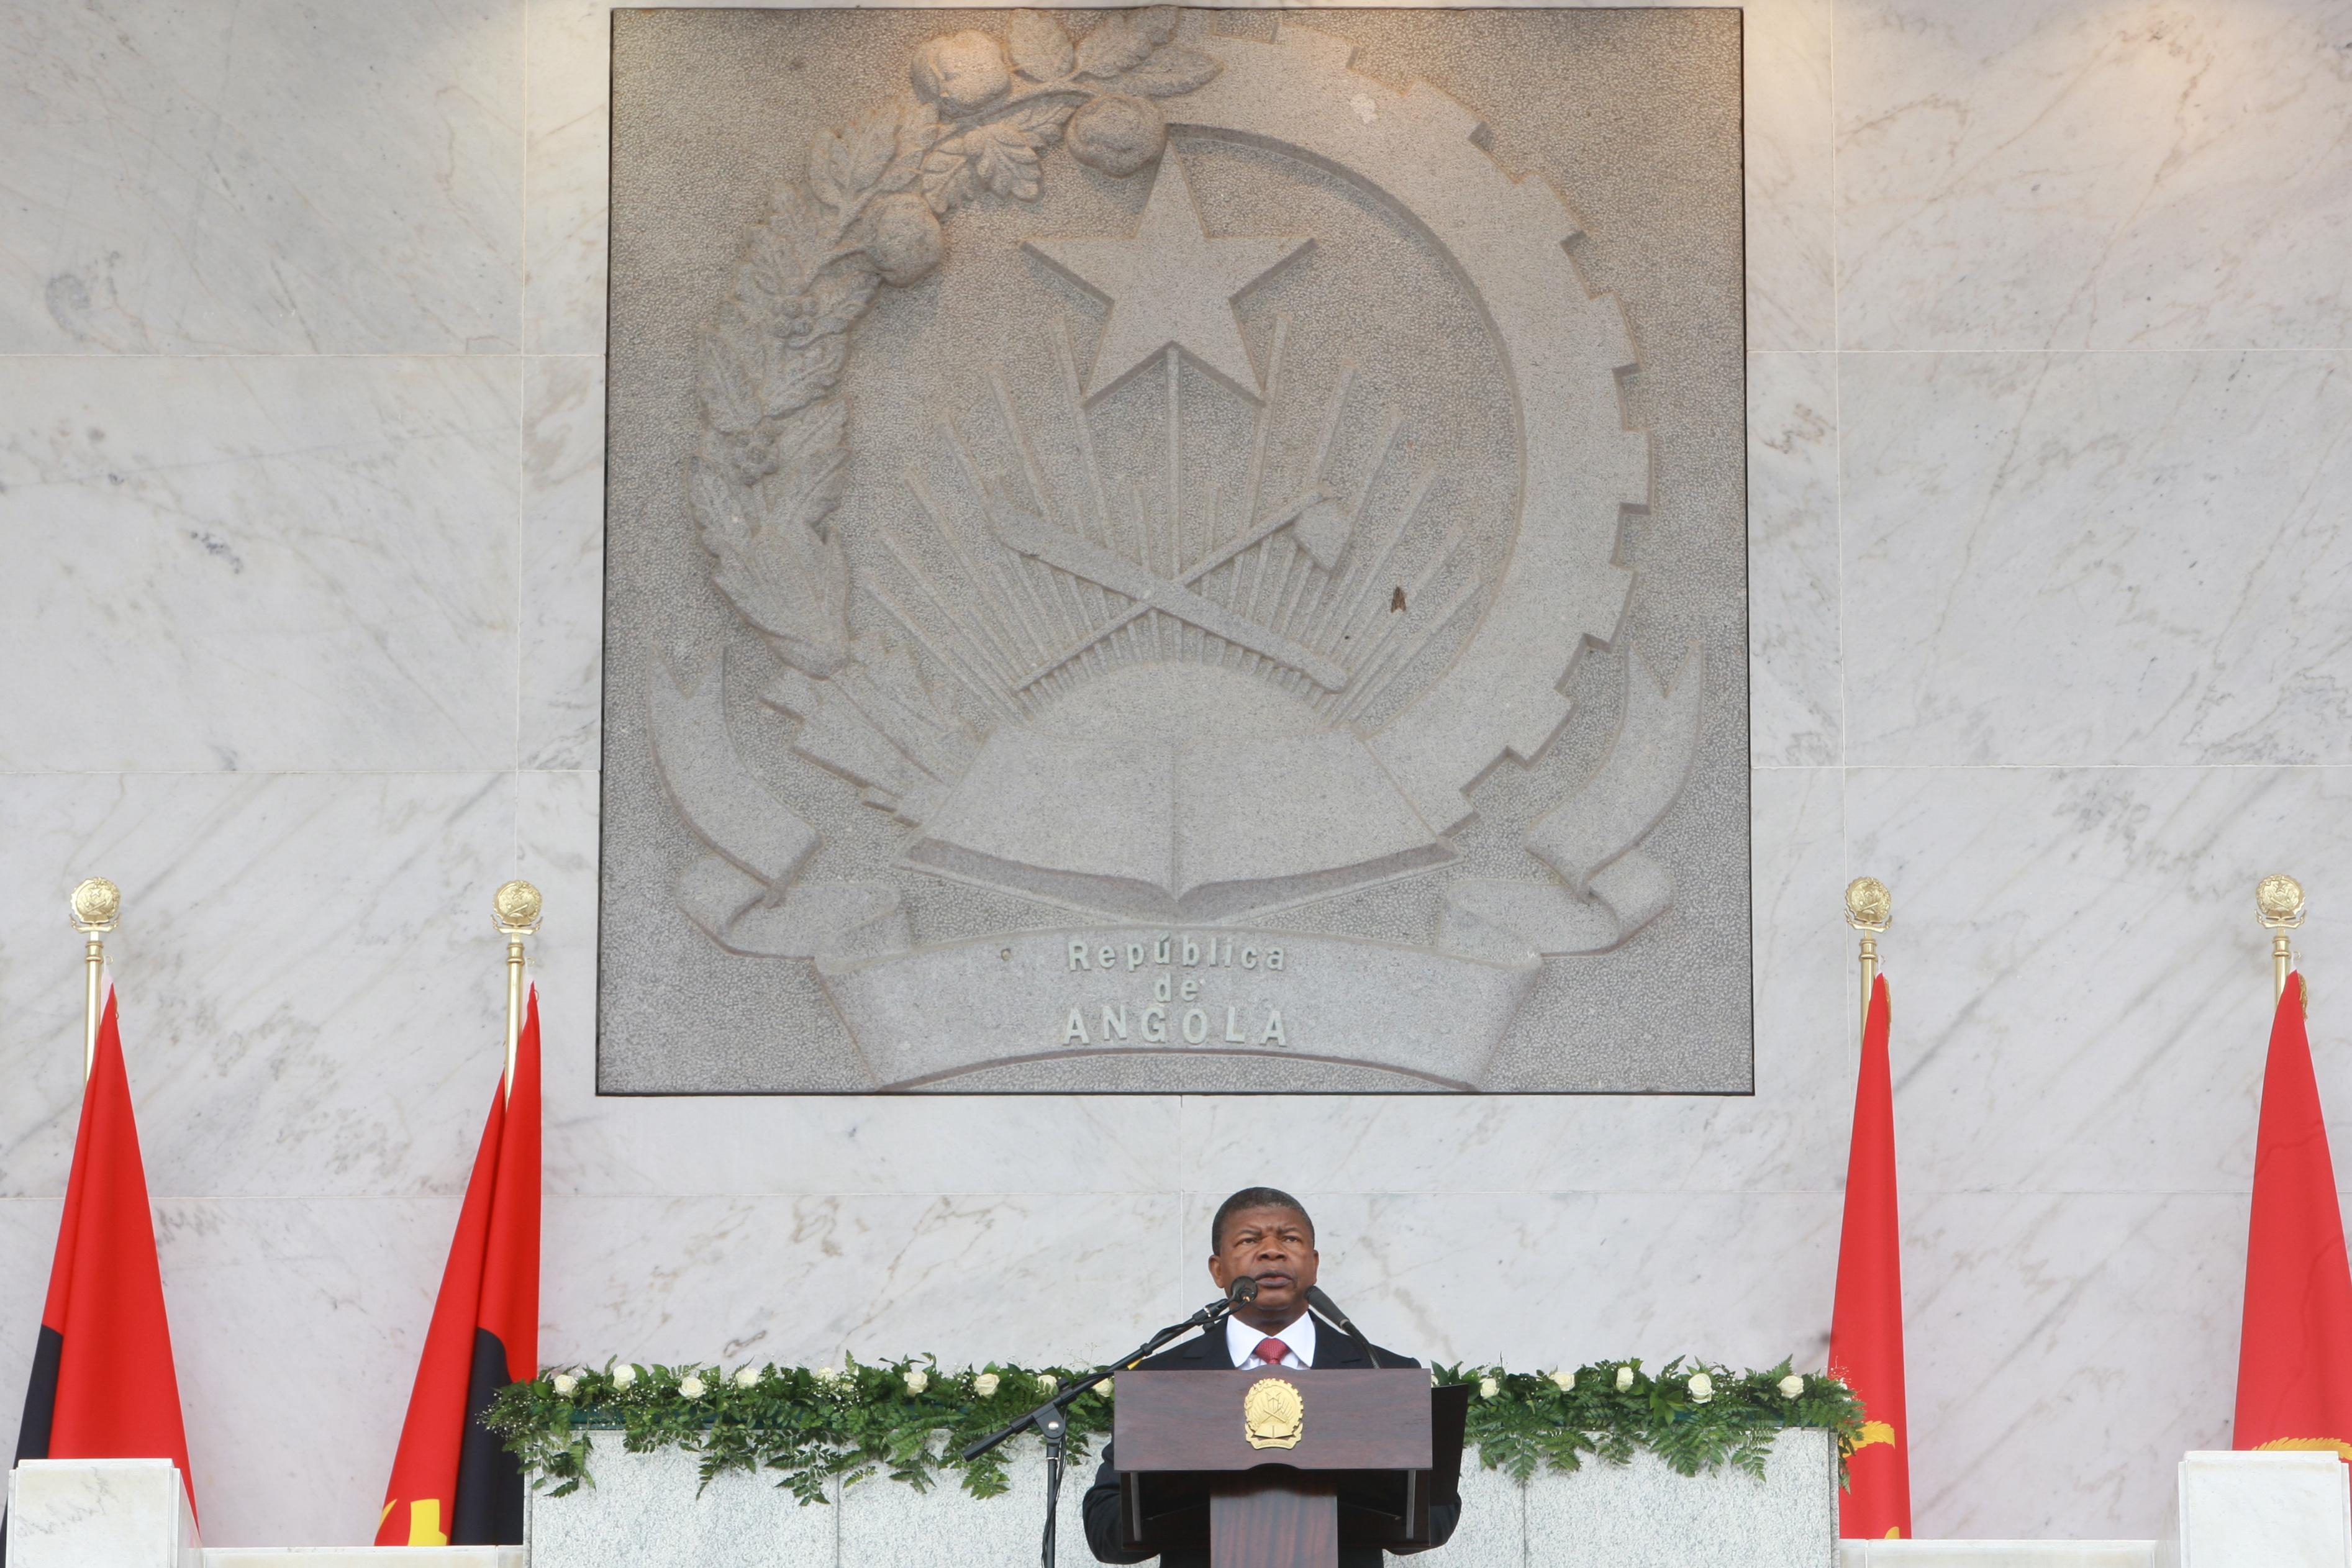 Polícia angolana com ordens para combater venda de divisas nas ruas